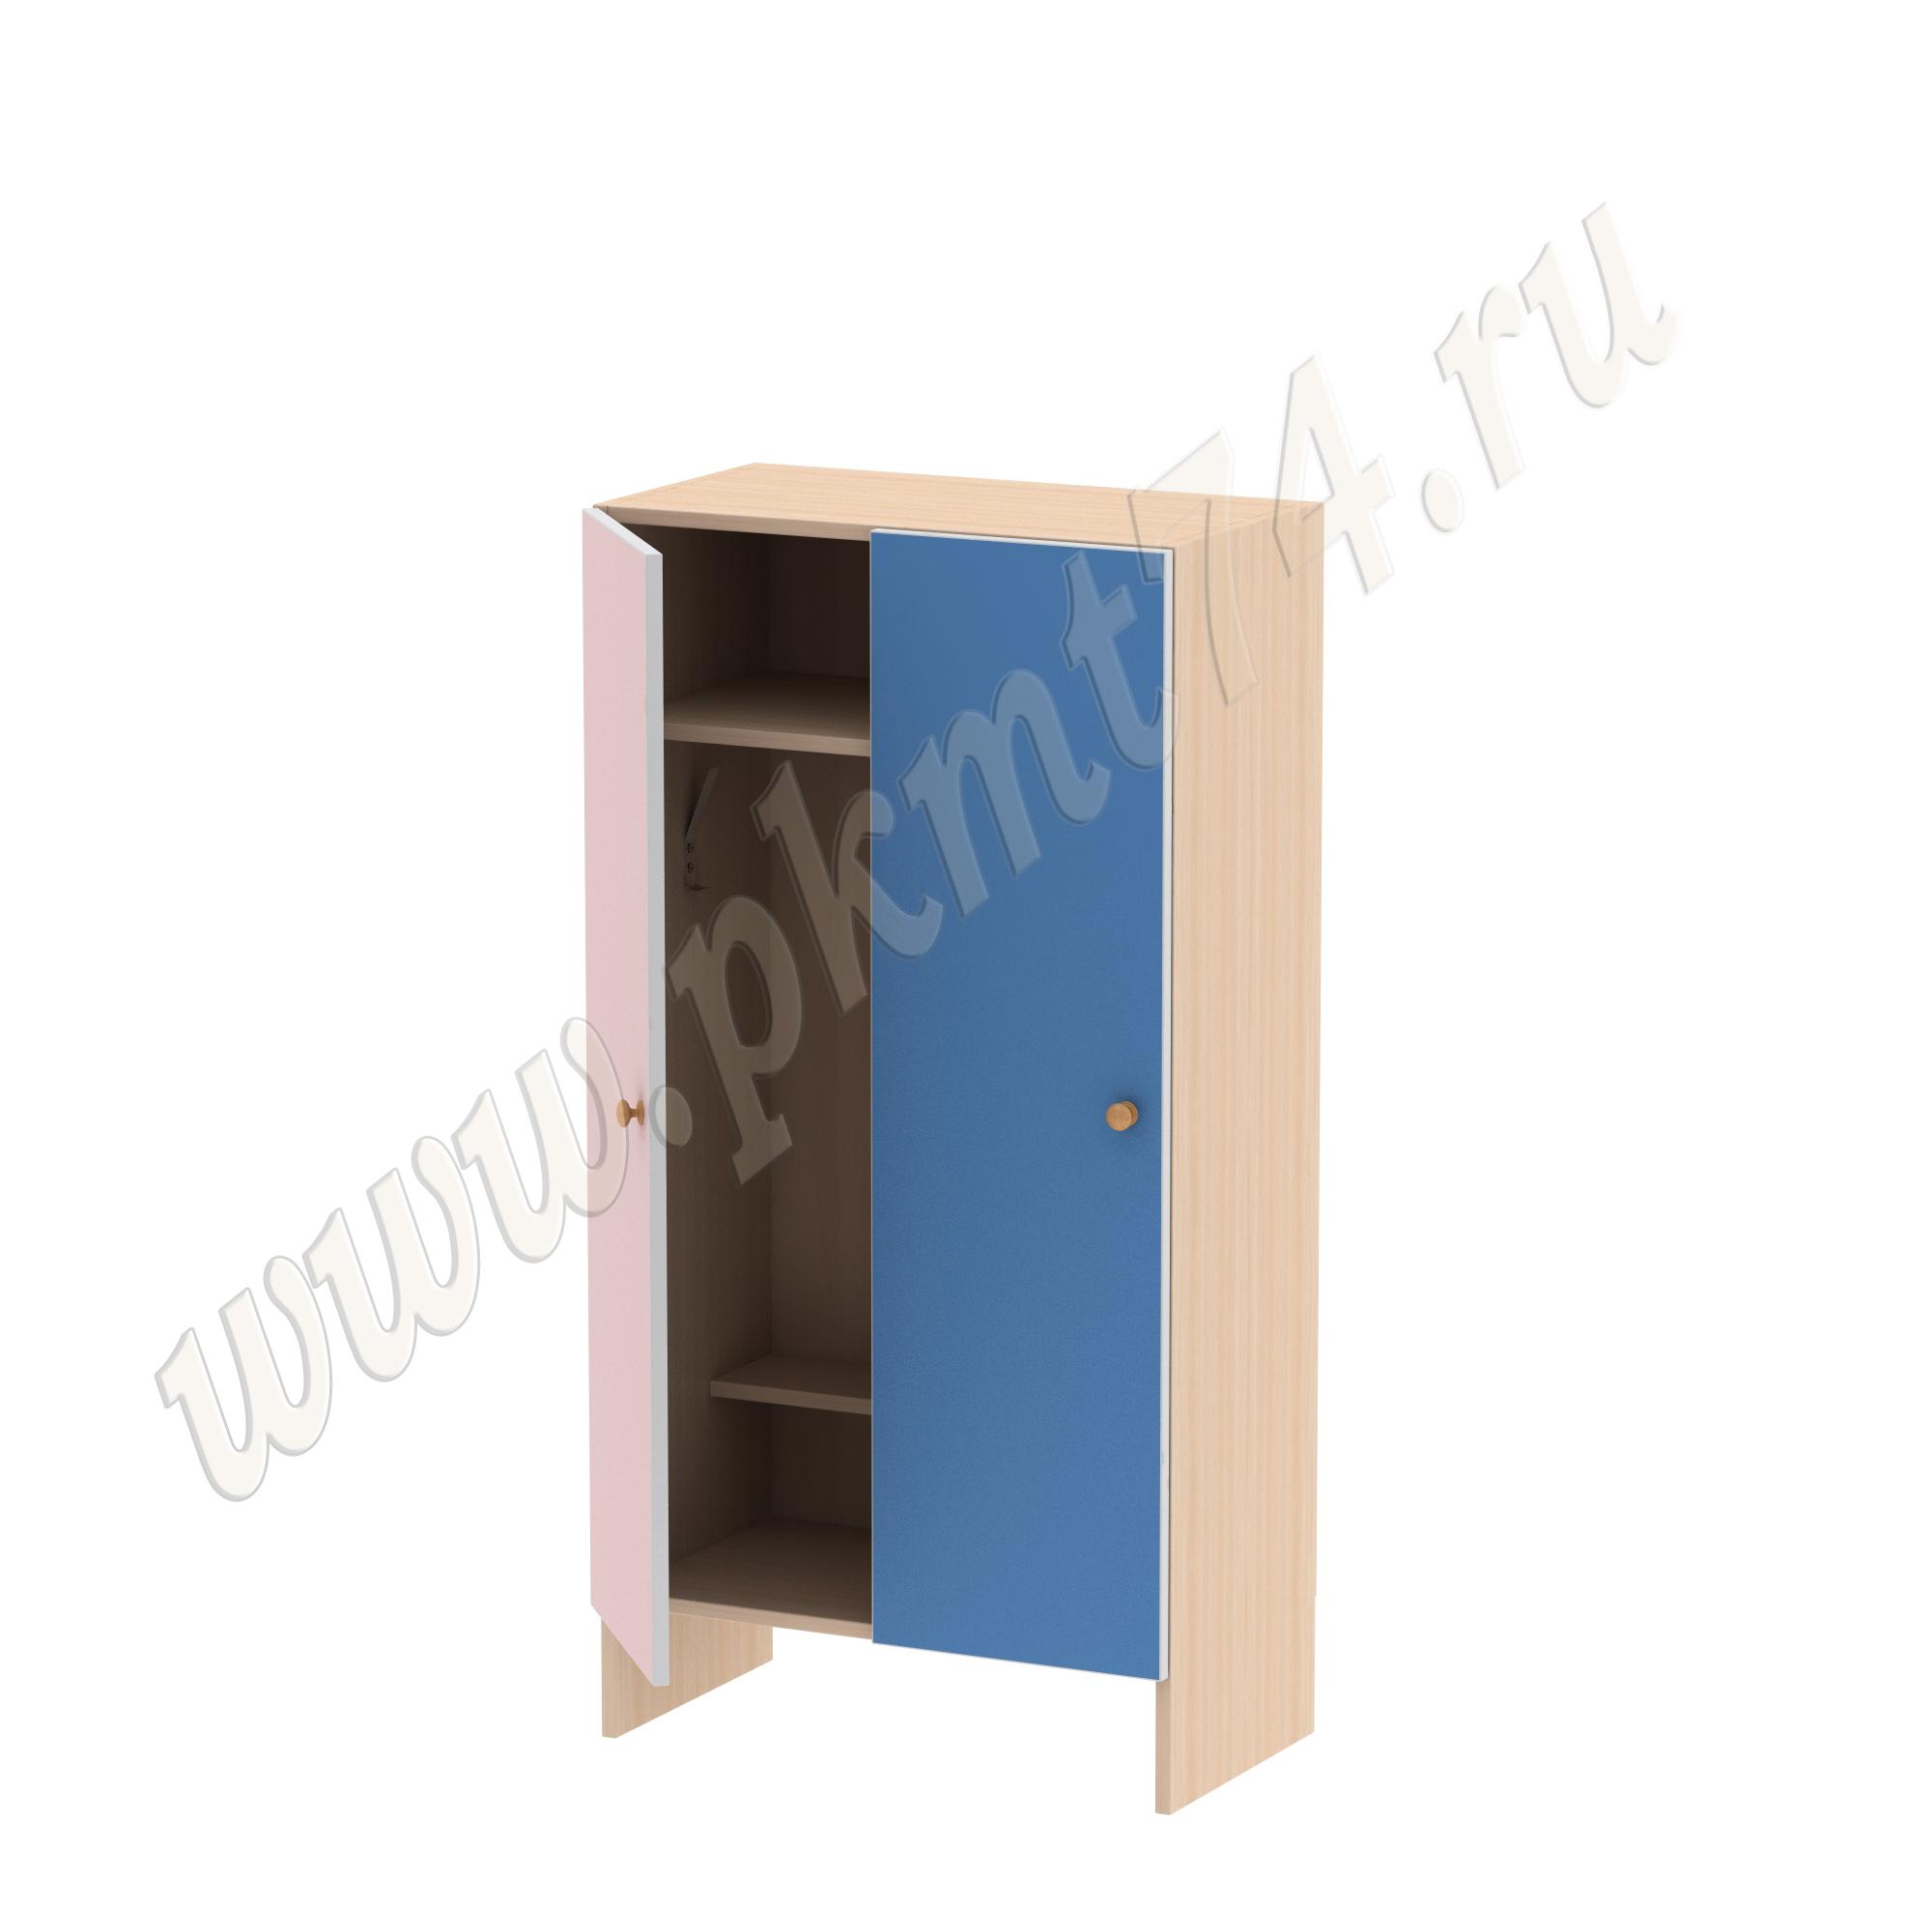 Шкаф детский двухместный без короба МТ 17-14 Дуб Молочный-Розово-Голубой